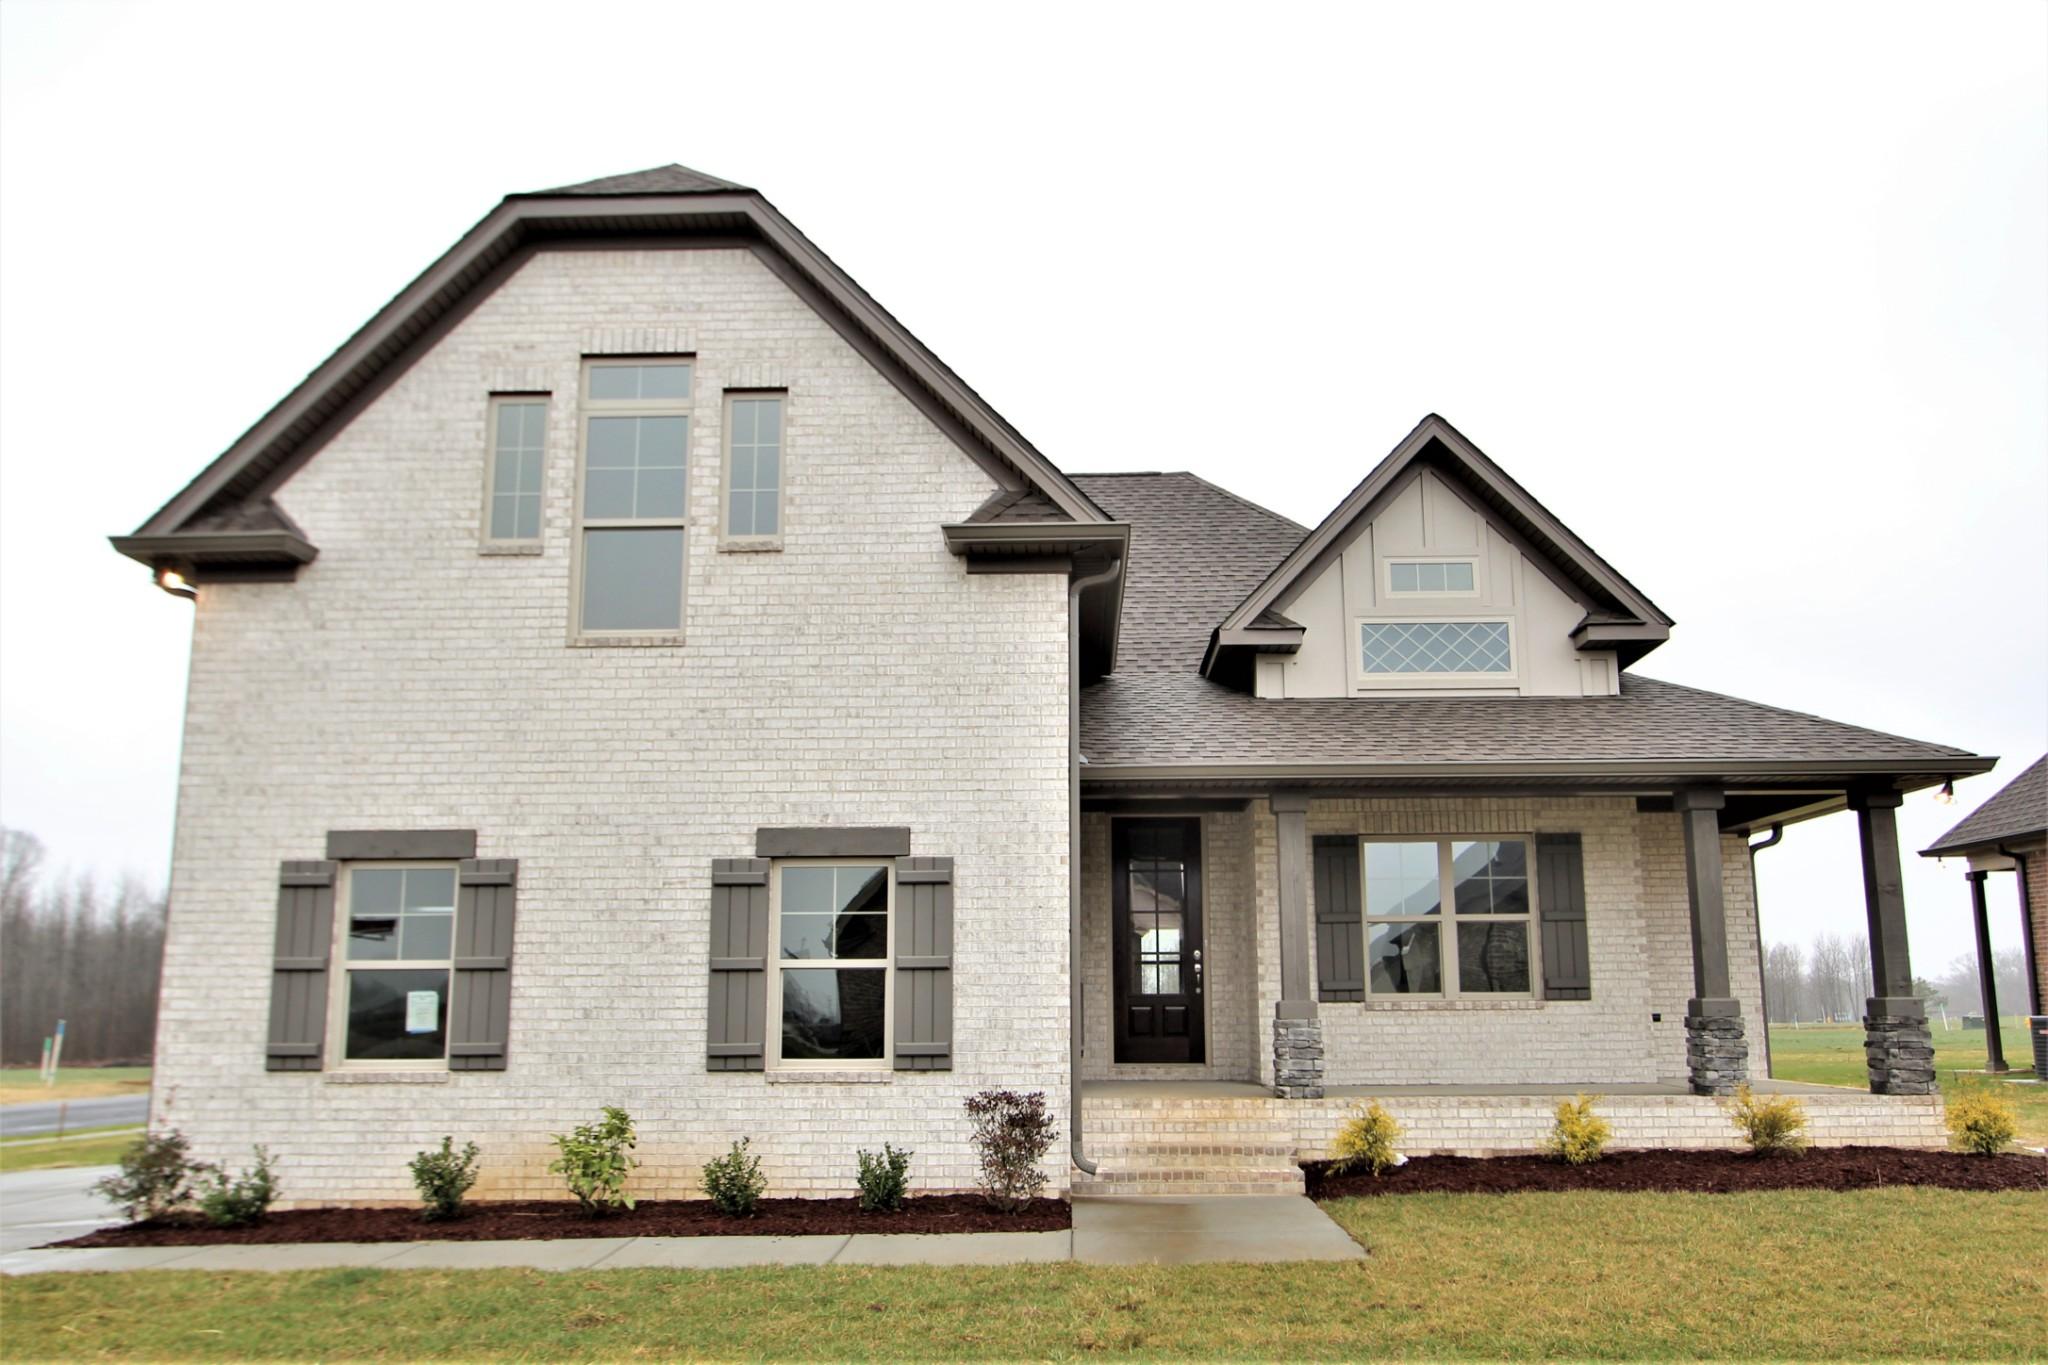 1444 Hereford Blvd. #40, Clarksville, TN 37043 - Clarksville, TN real estate listing